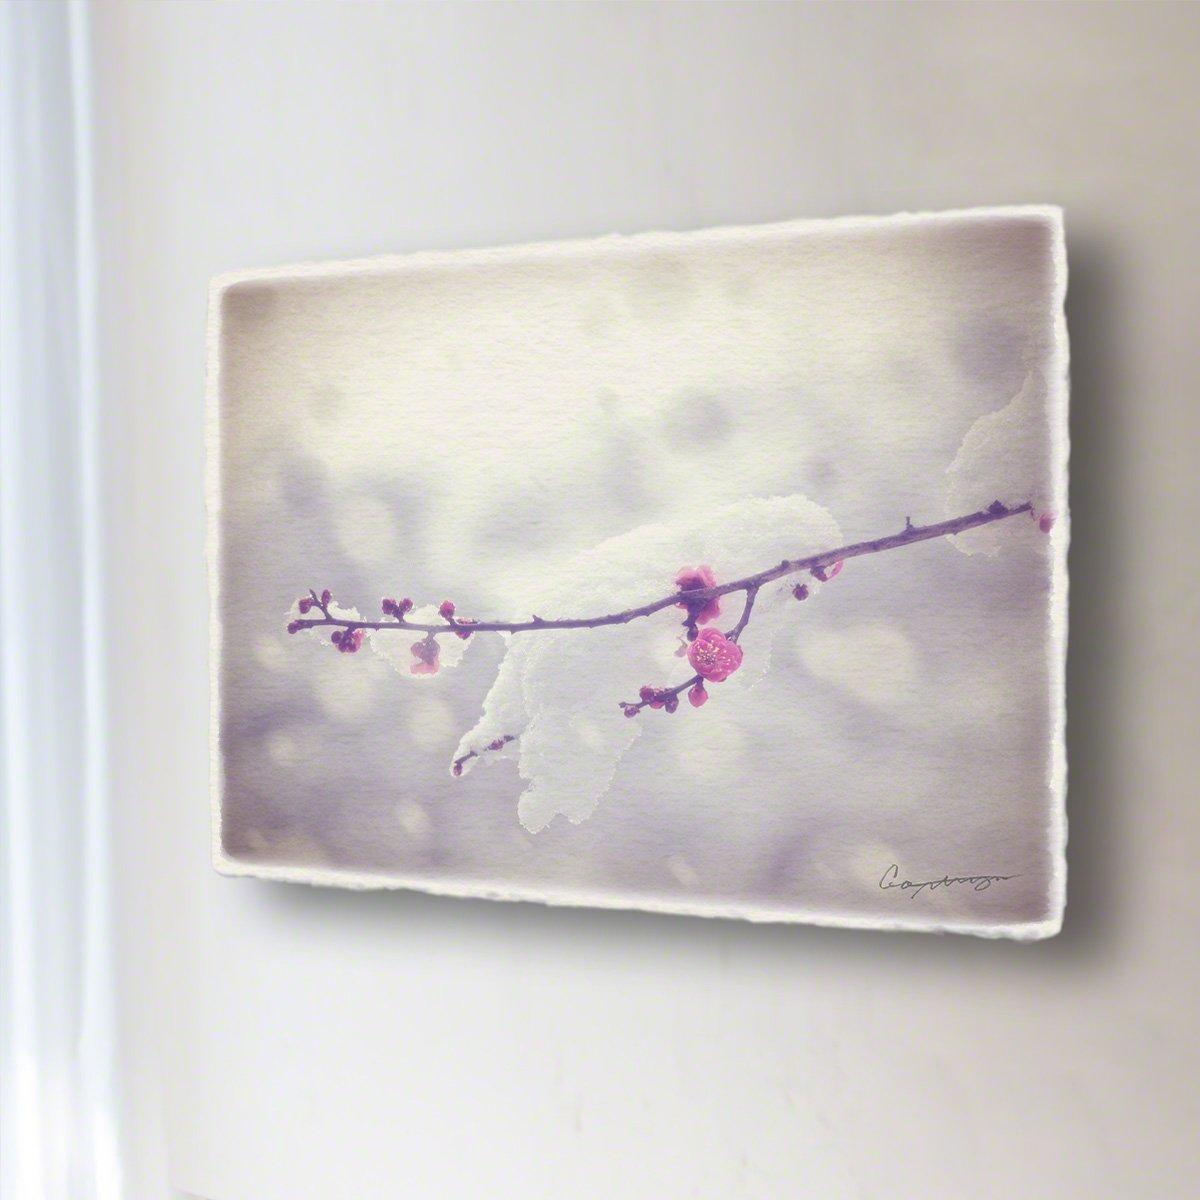 和紙 アートパネル「雪を乗せた一枝の紅梅」 (40x30cm) 花 絵 絵画 壁掛け 壁飾り インテリア アート B07BGZRXN1 14.アートパネル(長辺45cm) 18800円|雪を乗せた一枝の紅梅 雪を乗せた一枝の紅梅 14.アートパネル(長辺45cm) 18800円